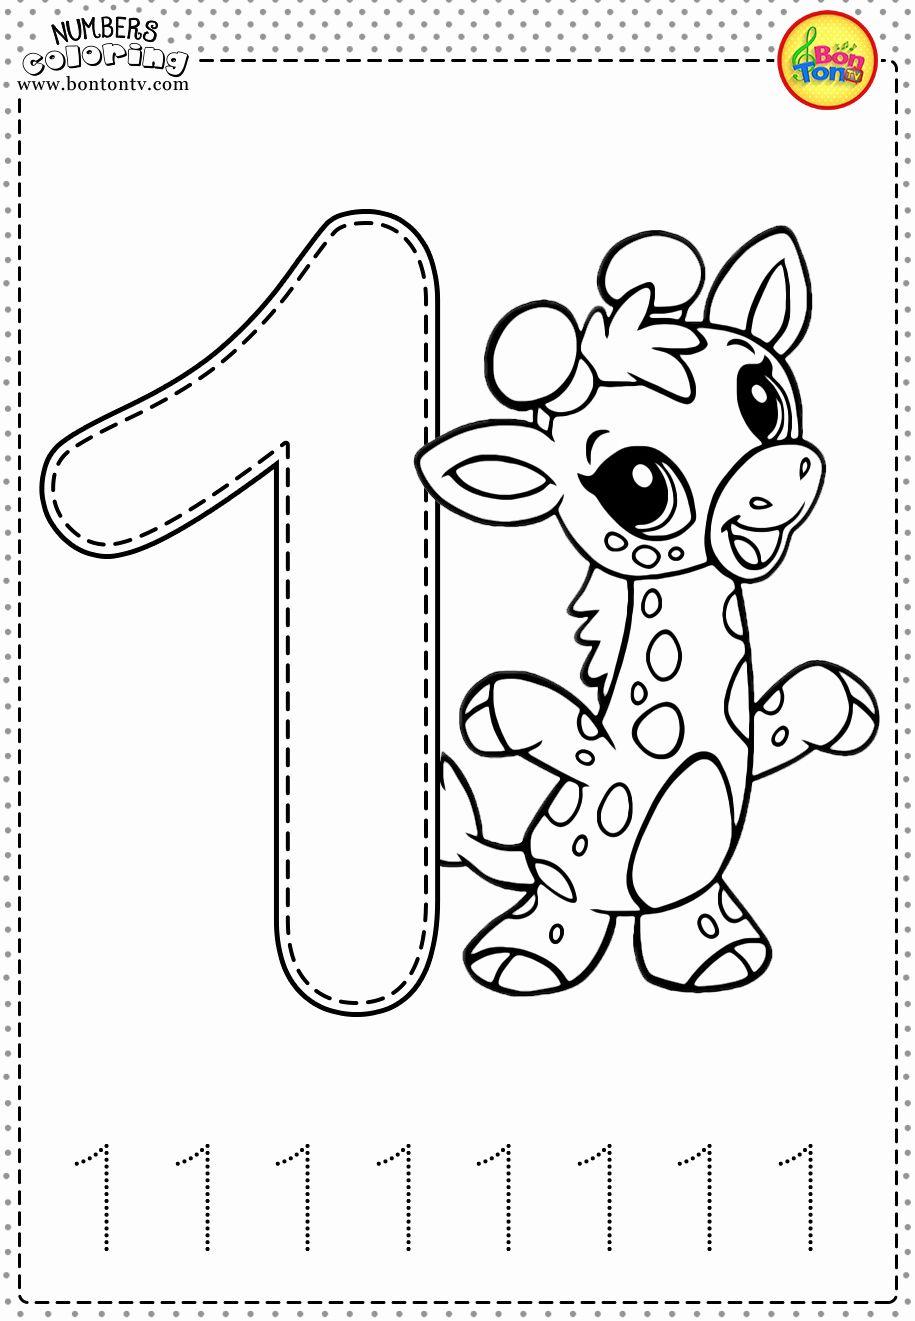 Number 4 Coloring Worksheets Beautiful Number 1 Preschool Printables Free In 2020 Free Preschool Printables Preschool Worksheets Free Printables Kids Learning Numbers